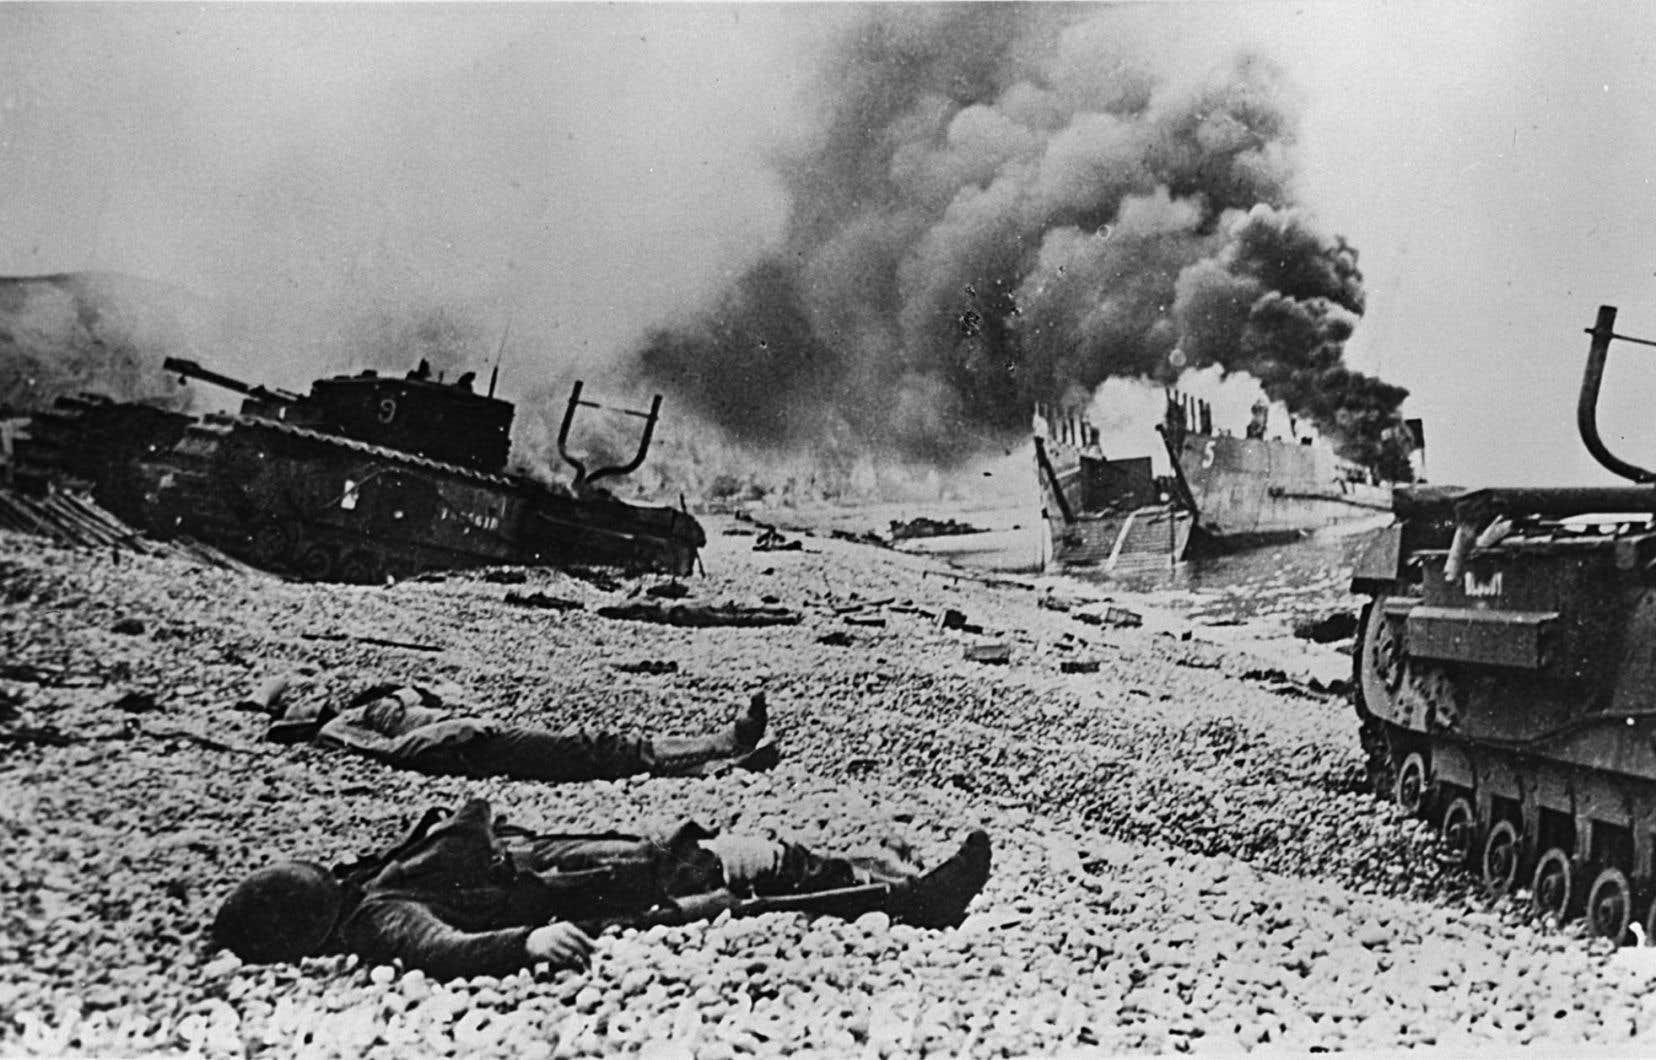 Covoiturage Montreal Quebec >> Il y a 75 ans, le «désastre» de Dieppe   Le Devoir